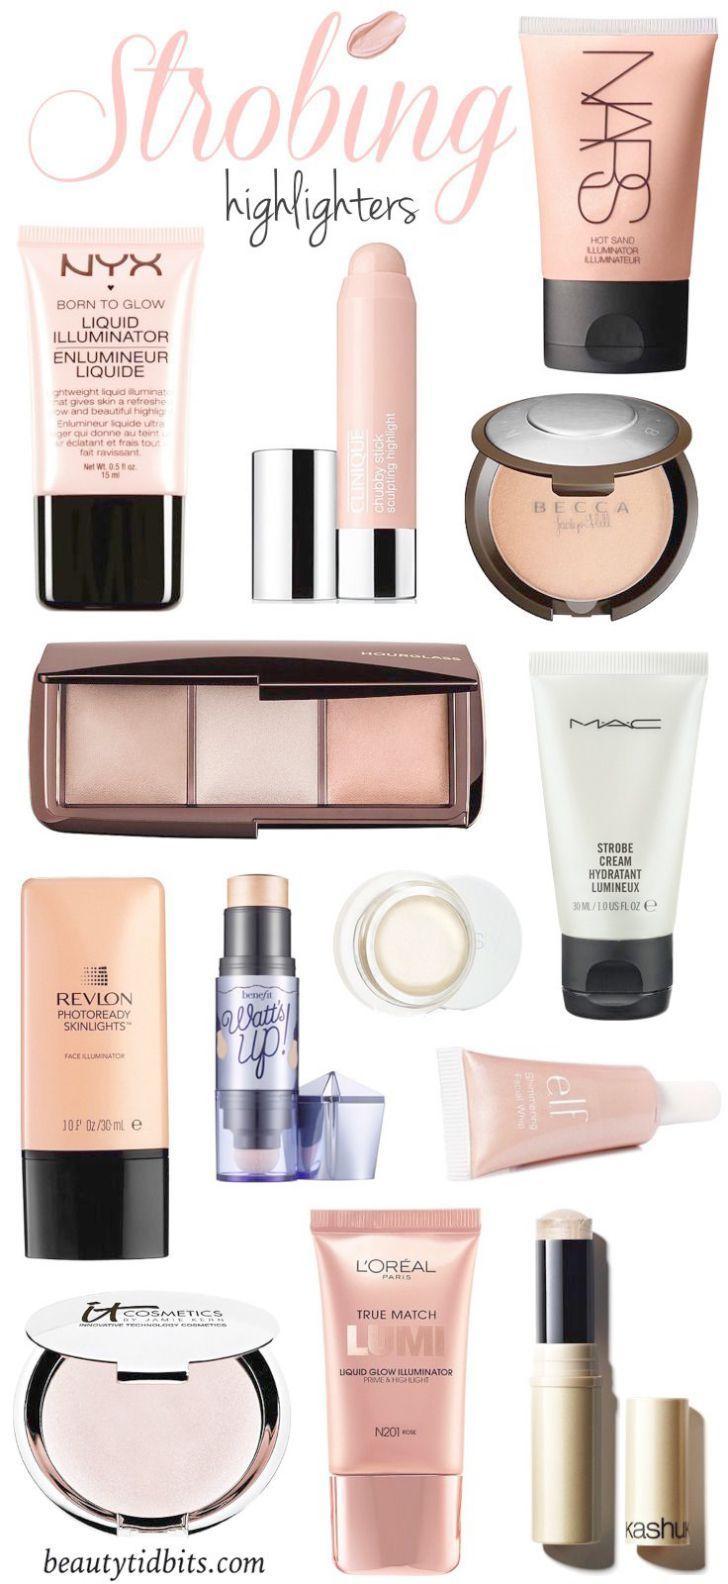 Makeup Artist Las Vegas by Makeup Bag Kohls if Makeup Bag